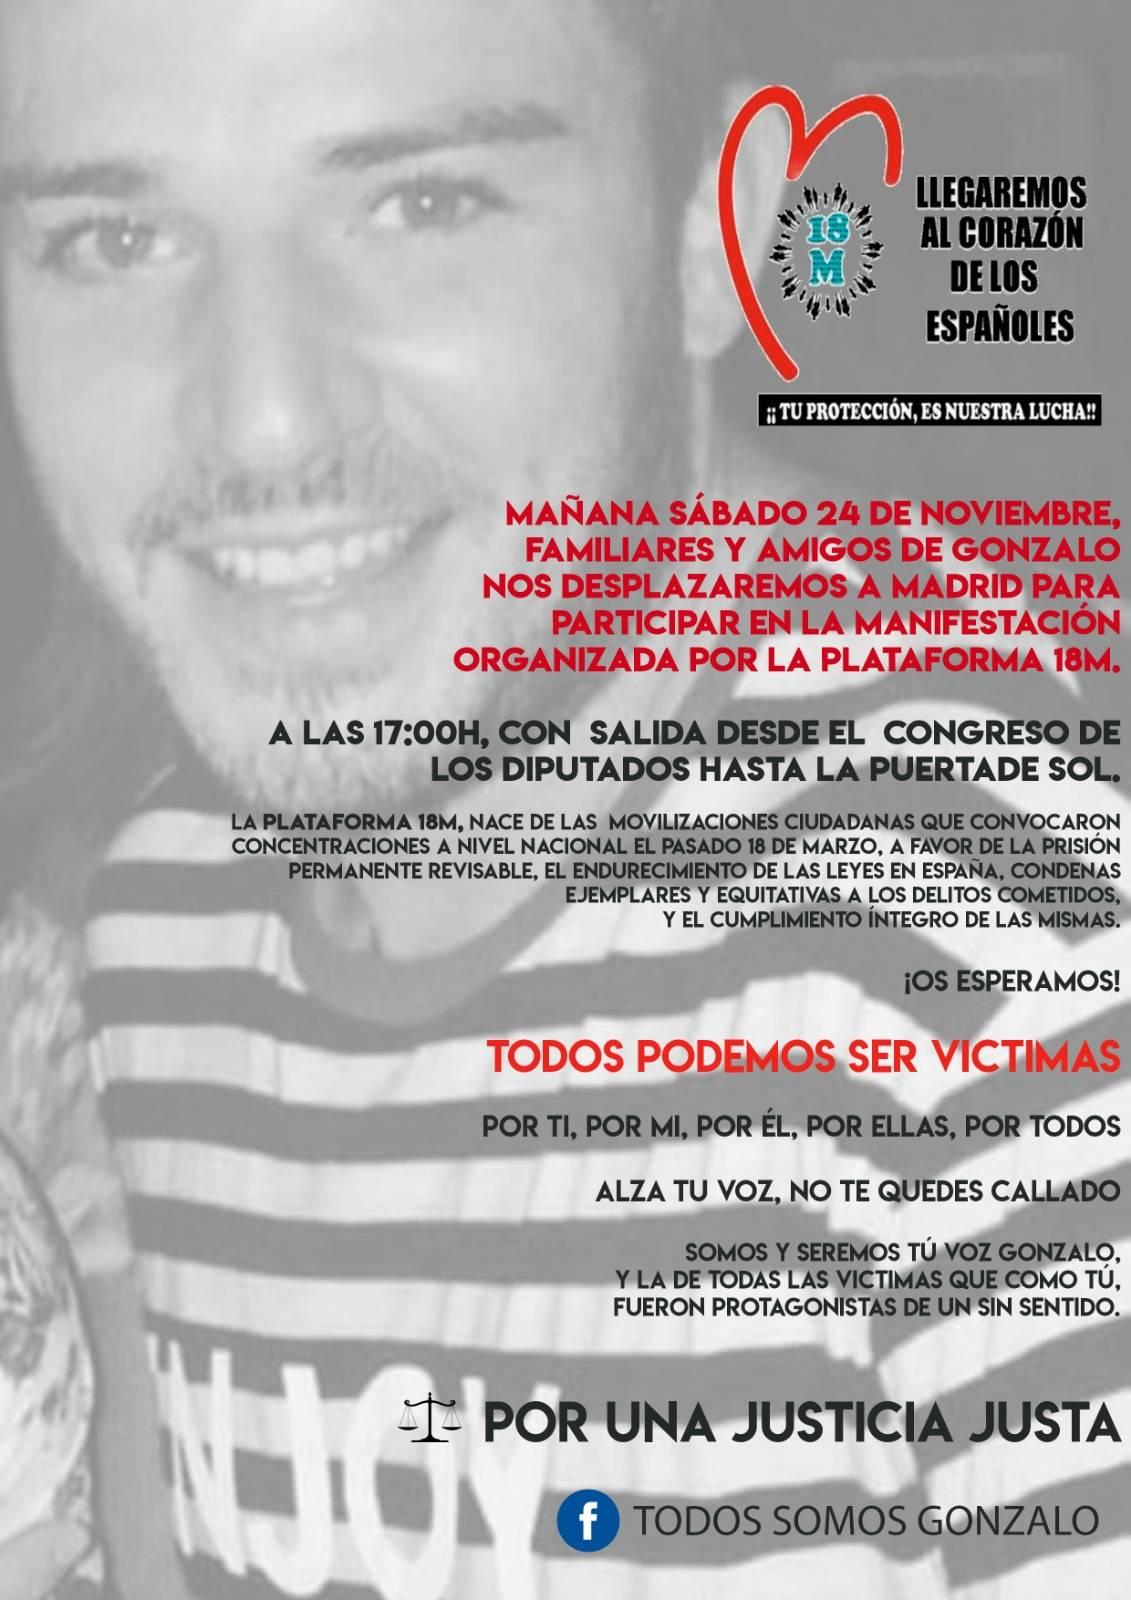 manifestación a favor de gonzalo - Los familiares y amigos de Gonzalo Buján participarán en una manifestación en Madrid